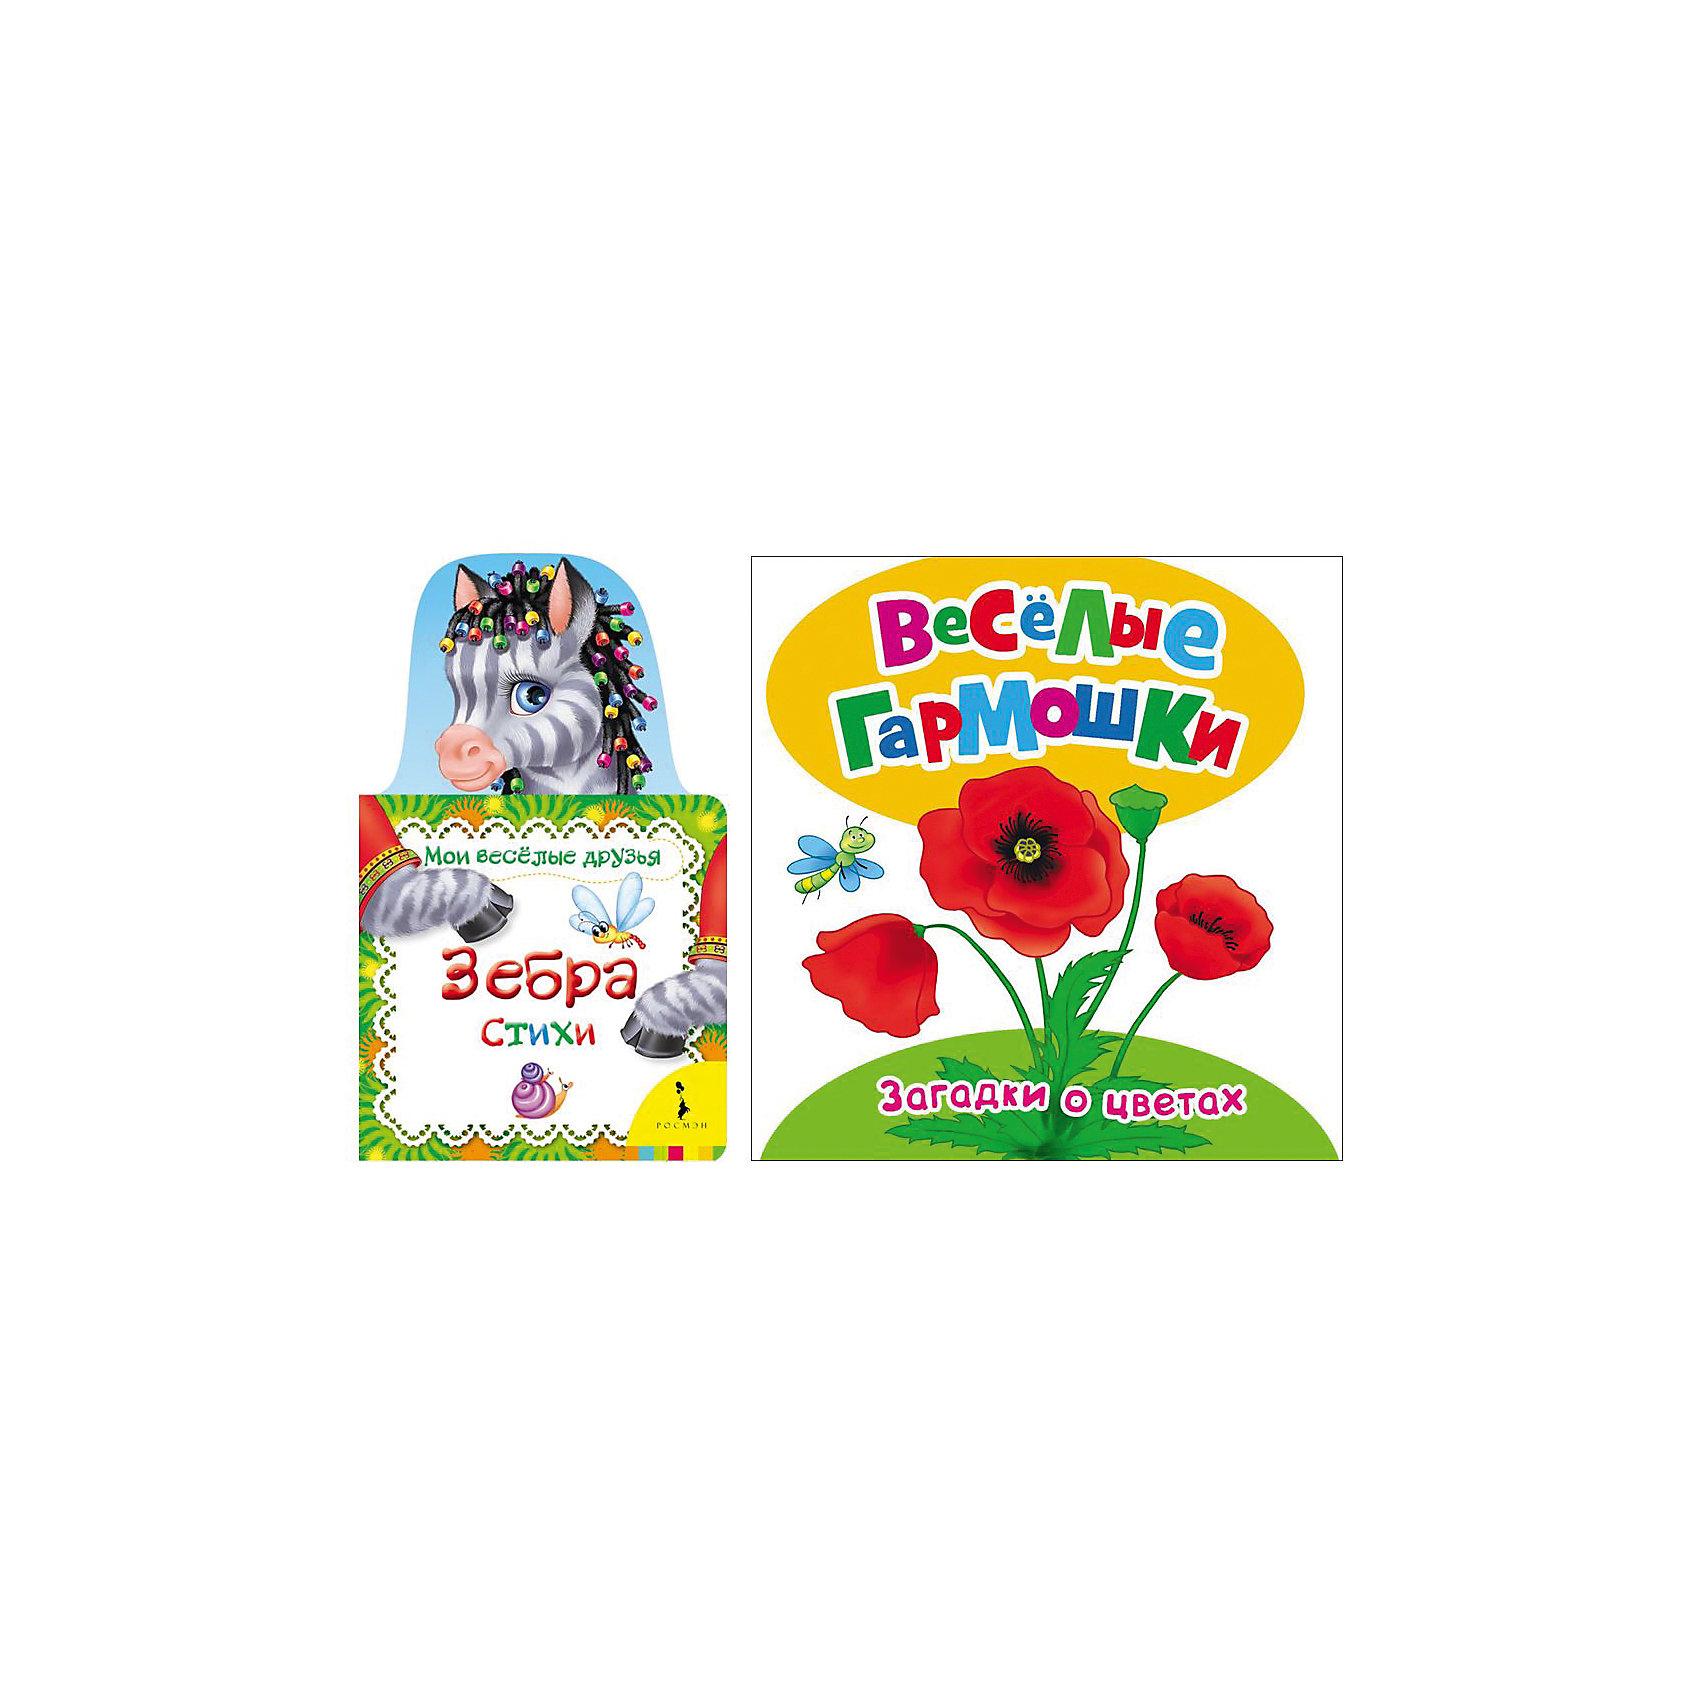 Росмэн Комплект для девочек (книжки-игрушки) росмэн лесные загадки веселые гармошки